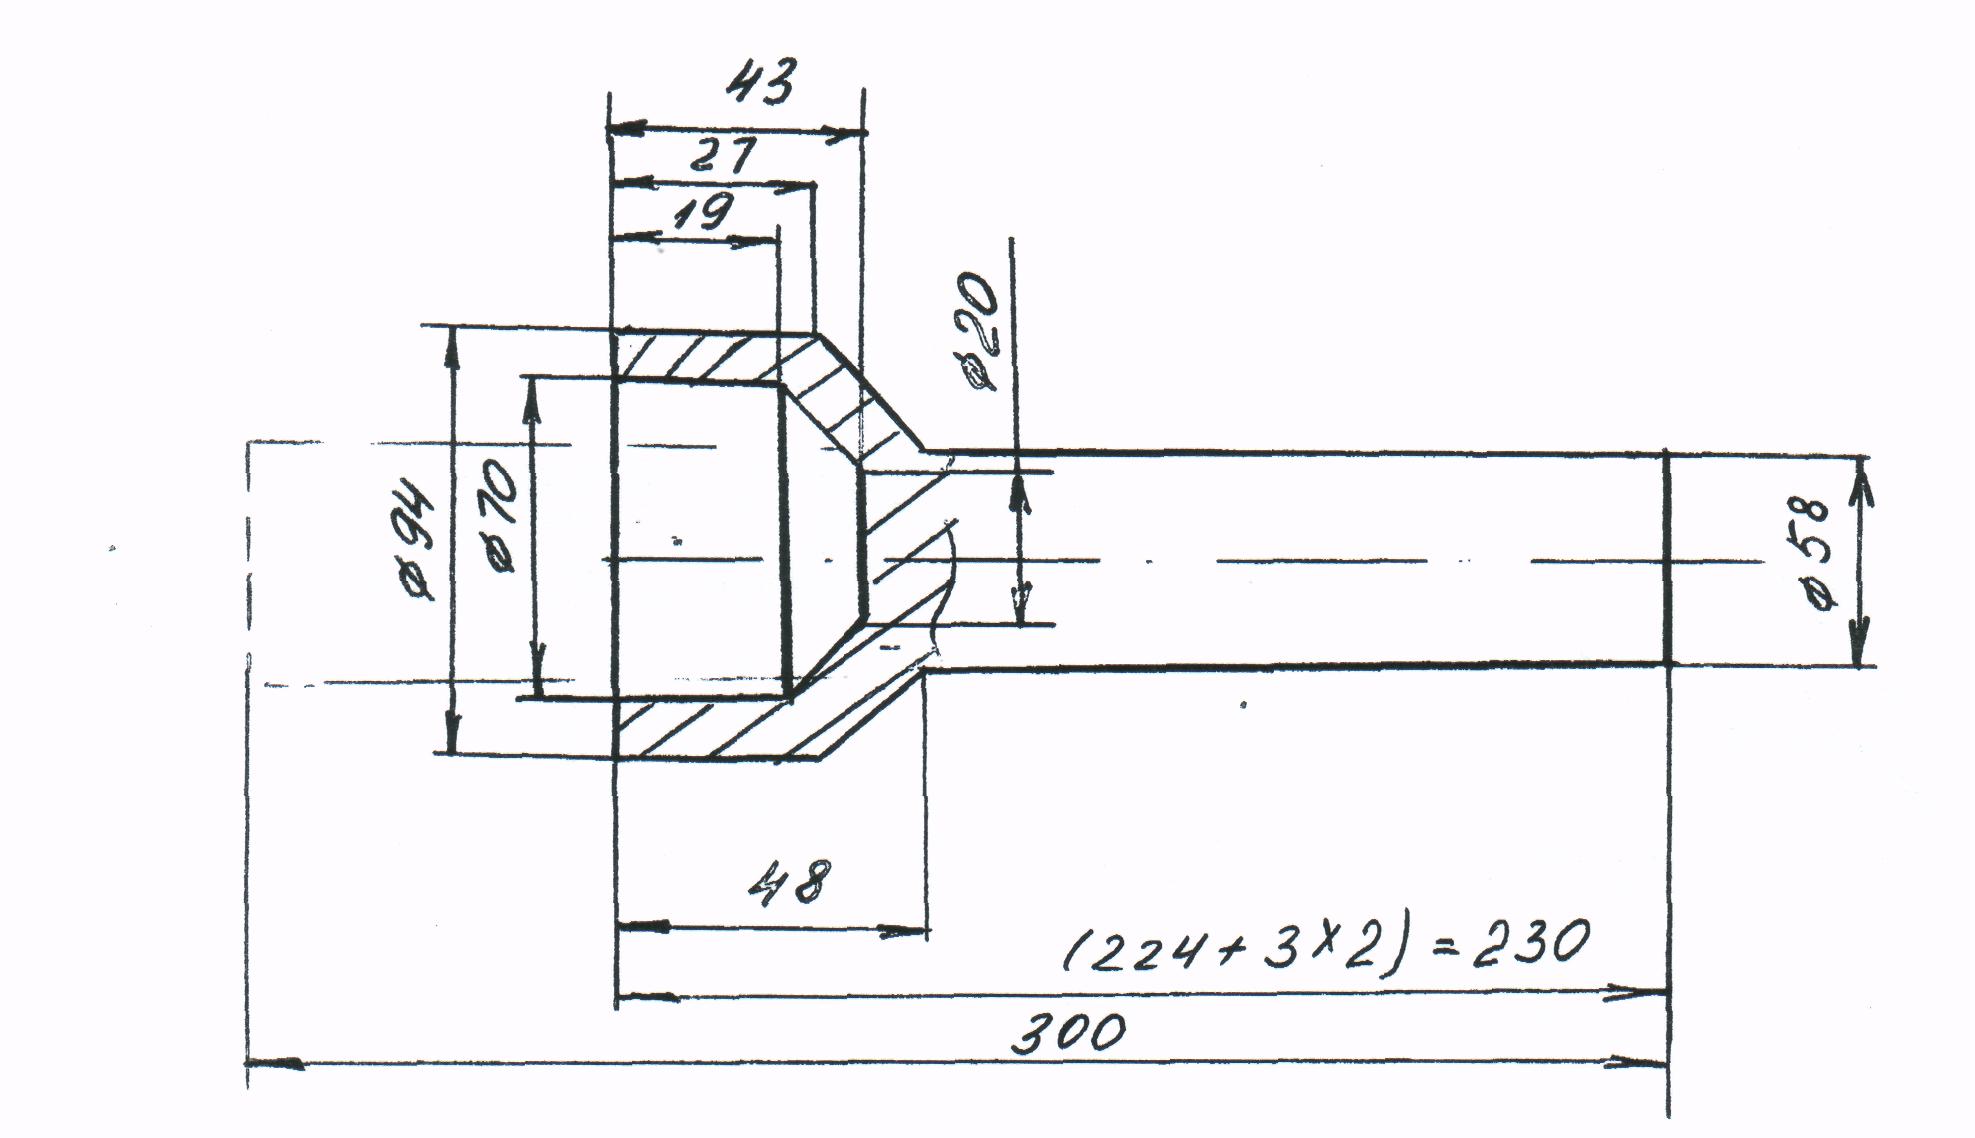 Пример решения контрольной работы №  должны быть предусмотрены радиусные закругления в соответствии ГОСТ радиусы закруглений у поковок массой до 10кг не менее 3 5 мм